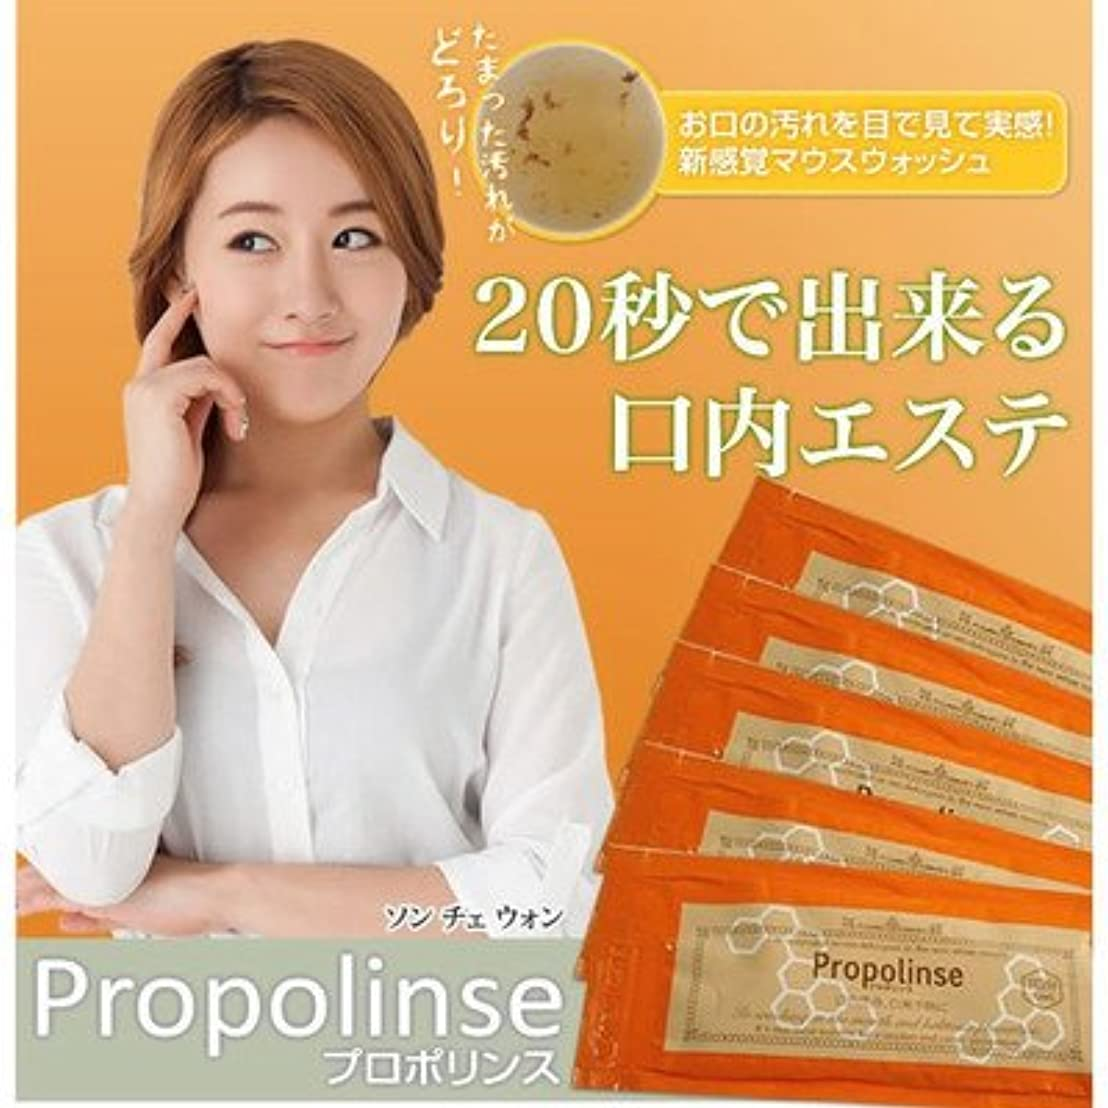 ガソリン磁石クリップ蝶プロポリンス ハンディパウチ 12ml(1袋)×100袋